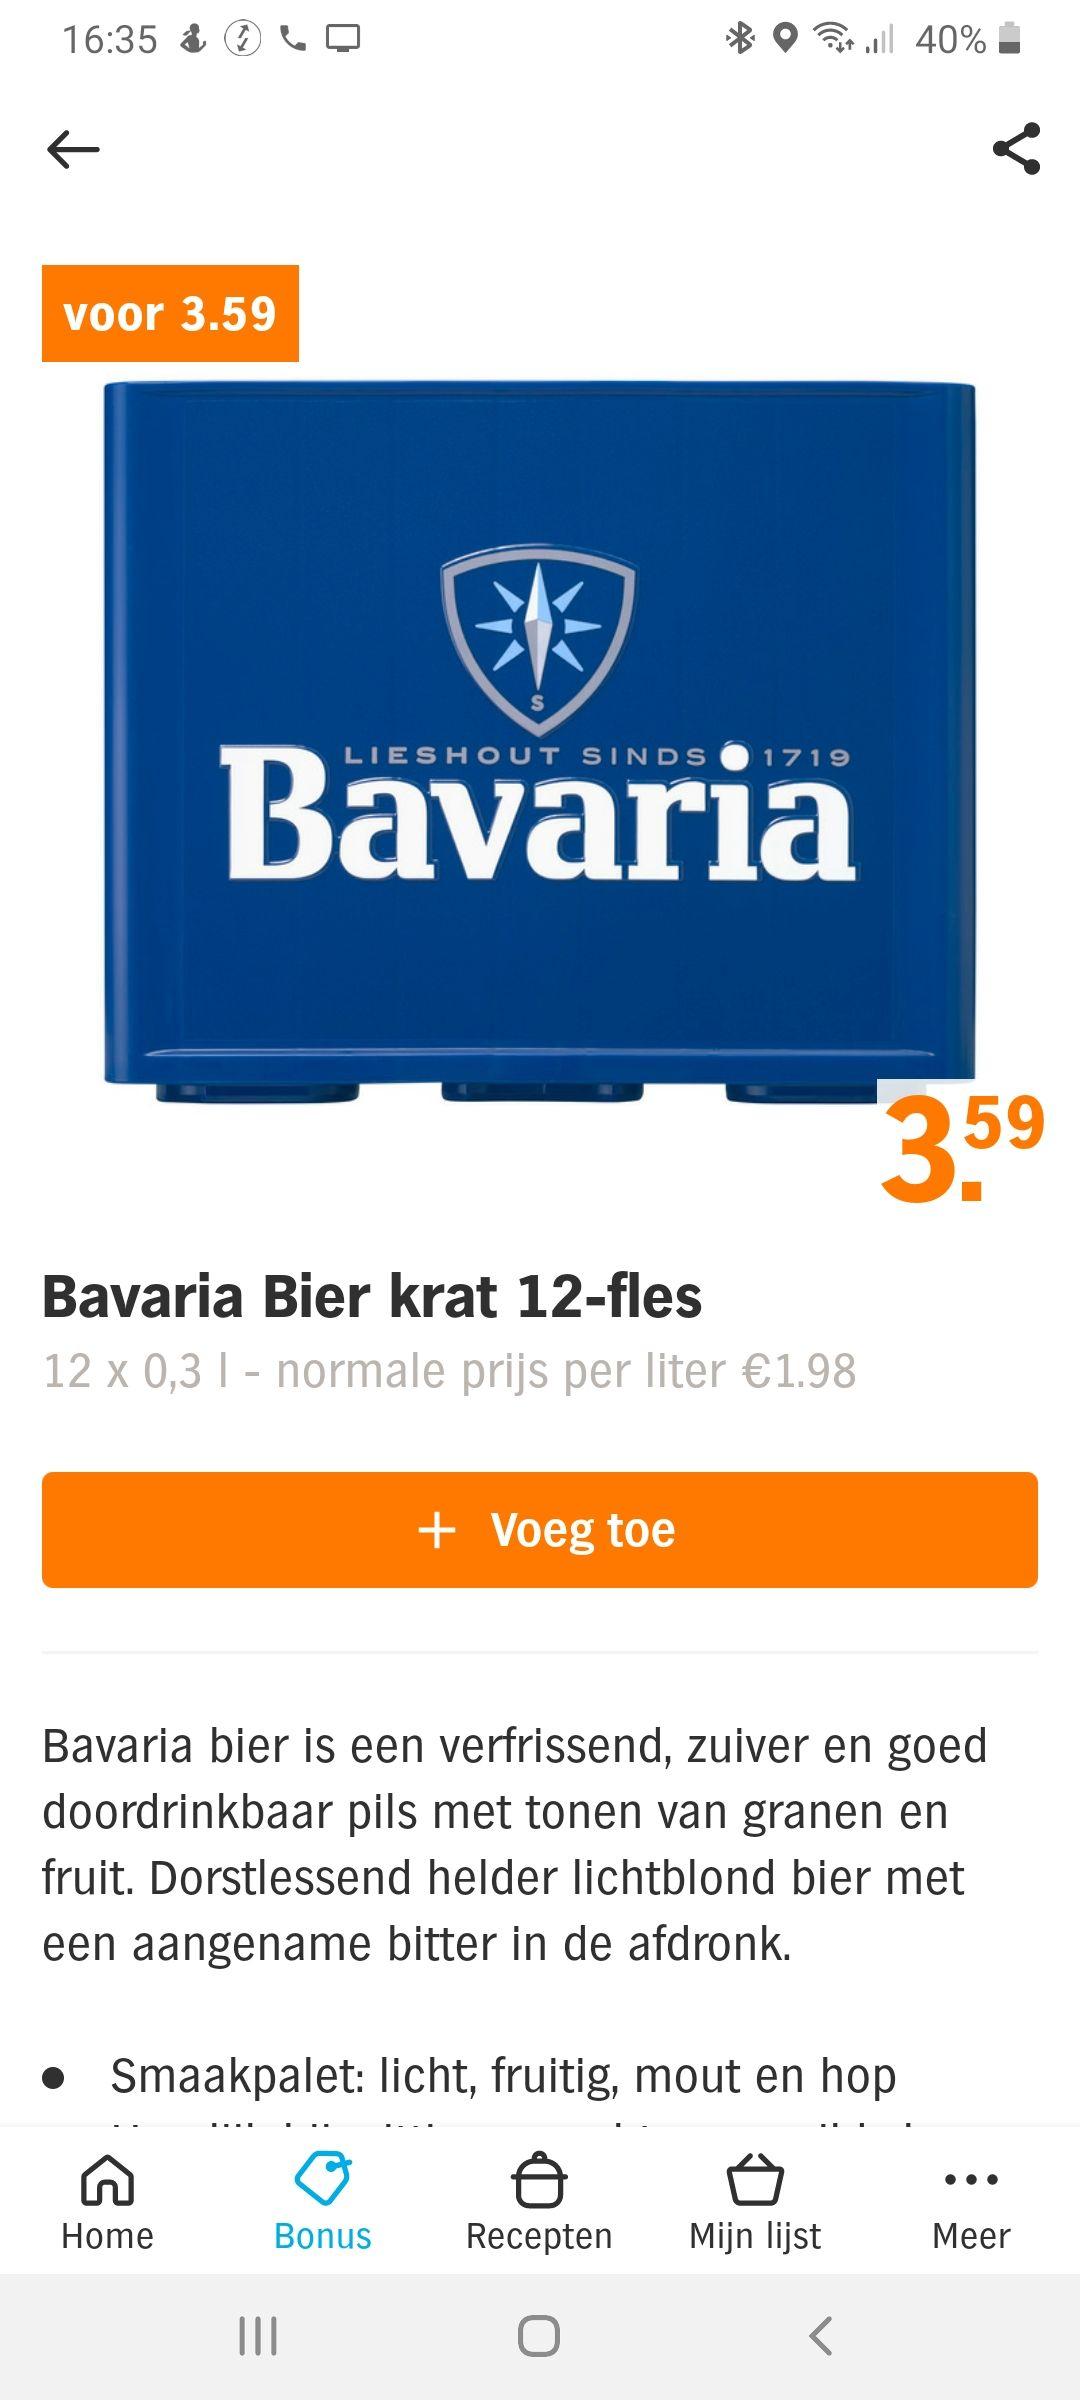 Bavaria bier krat 12 flesjes AH